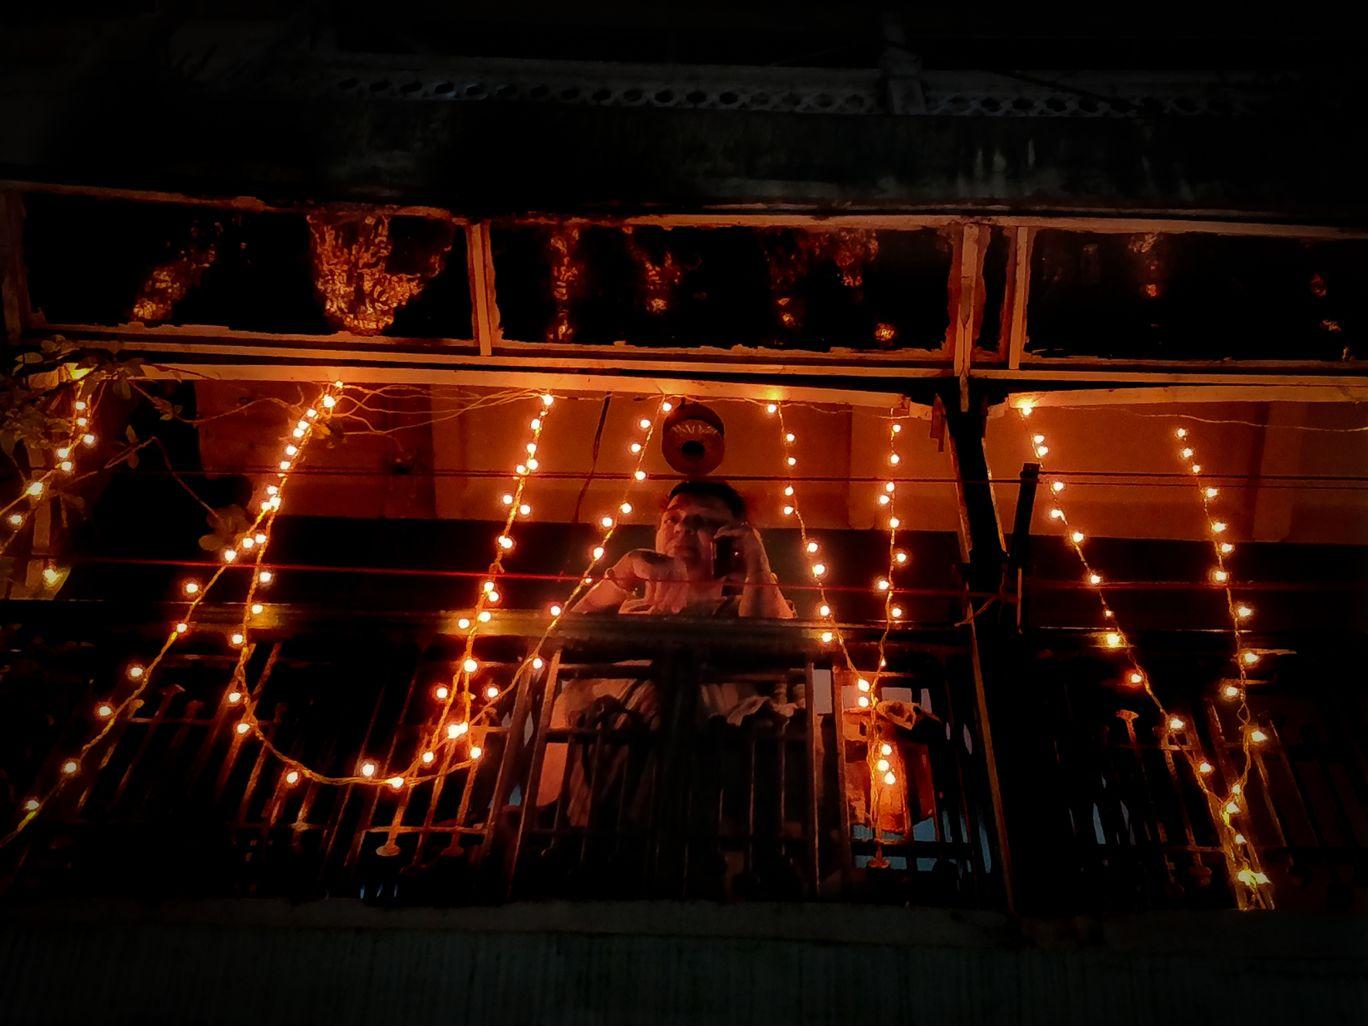 Photo of Kolkata By Joydeep Bhattacharyya